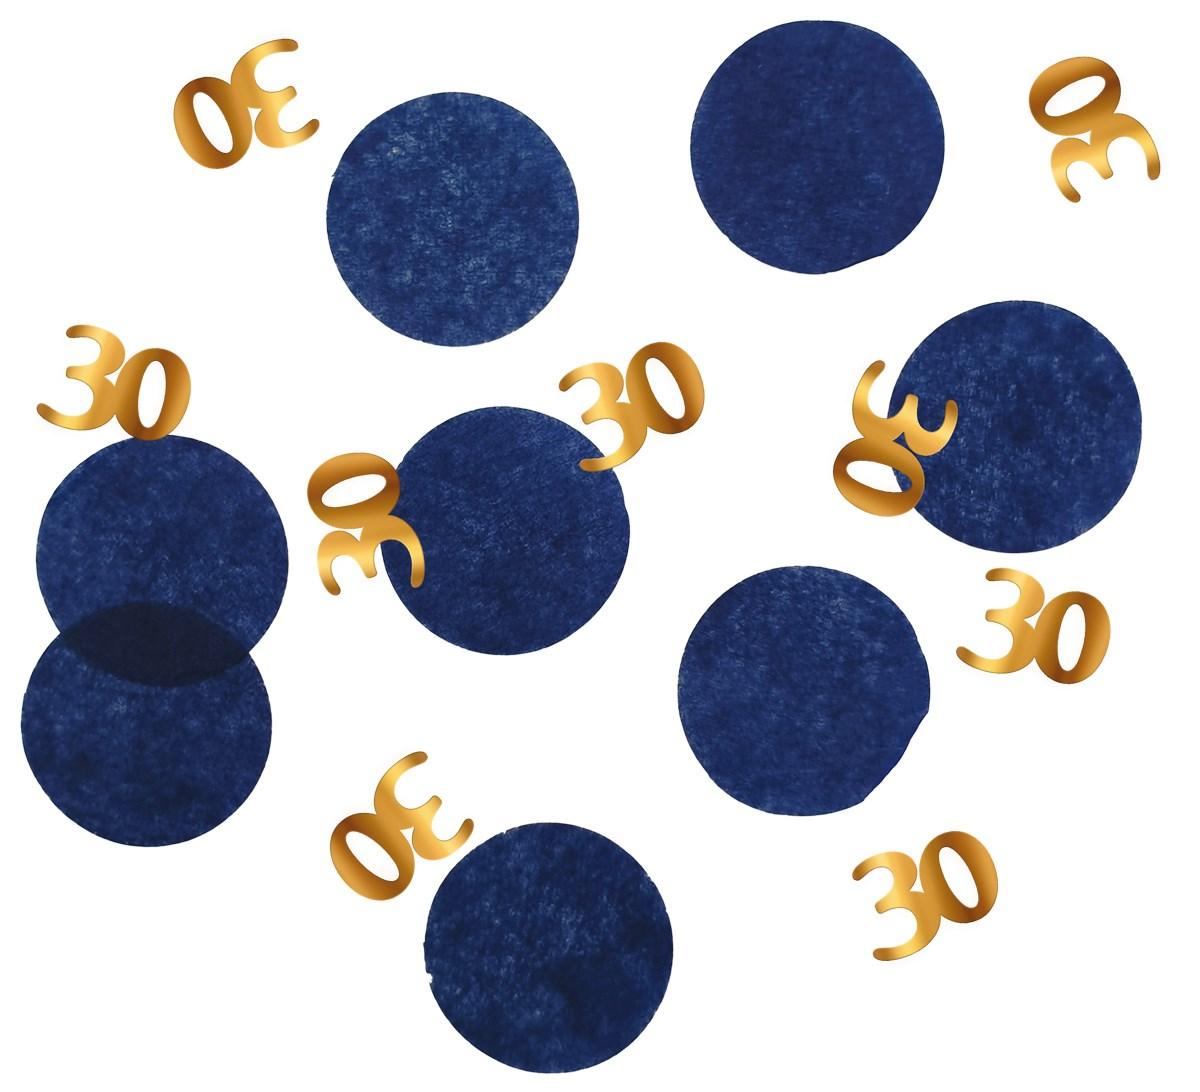 Tabledeco/confetti 30 Year Elegant True Blue 25gr 1